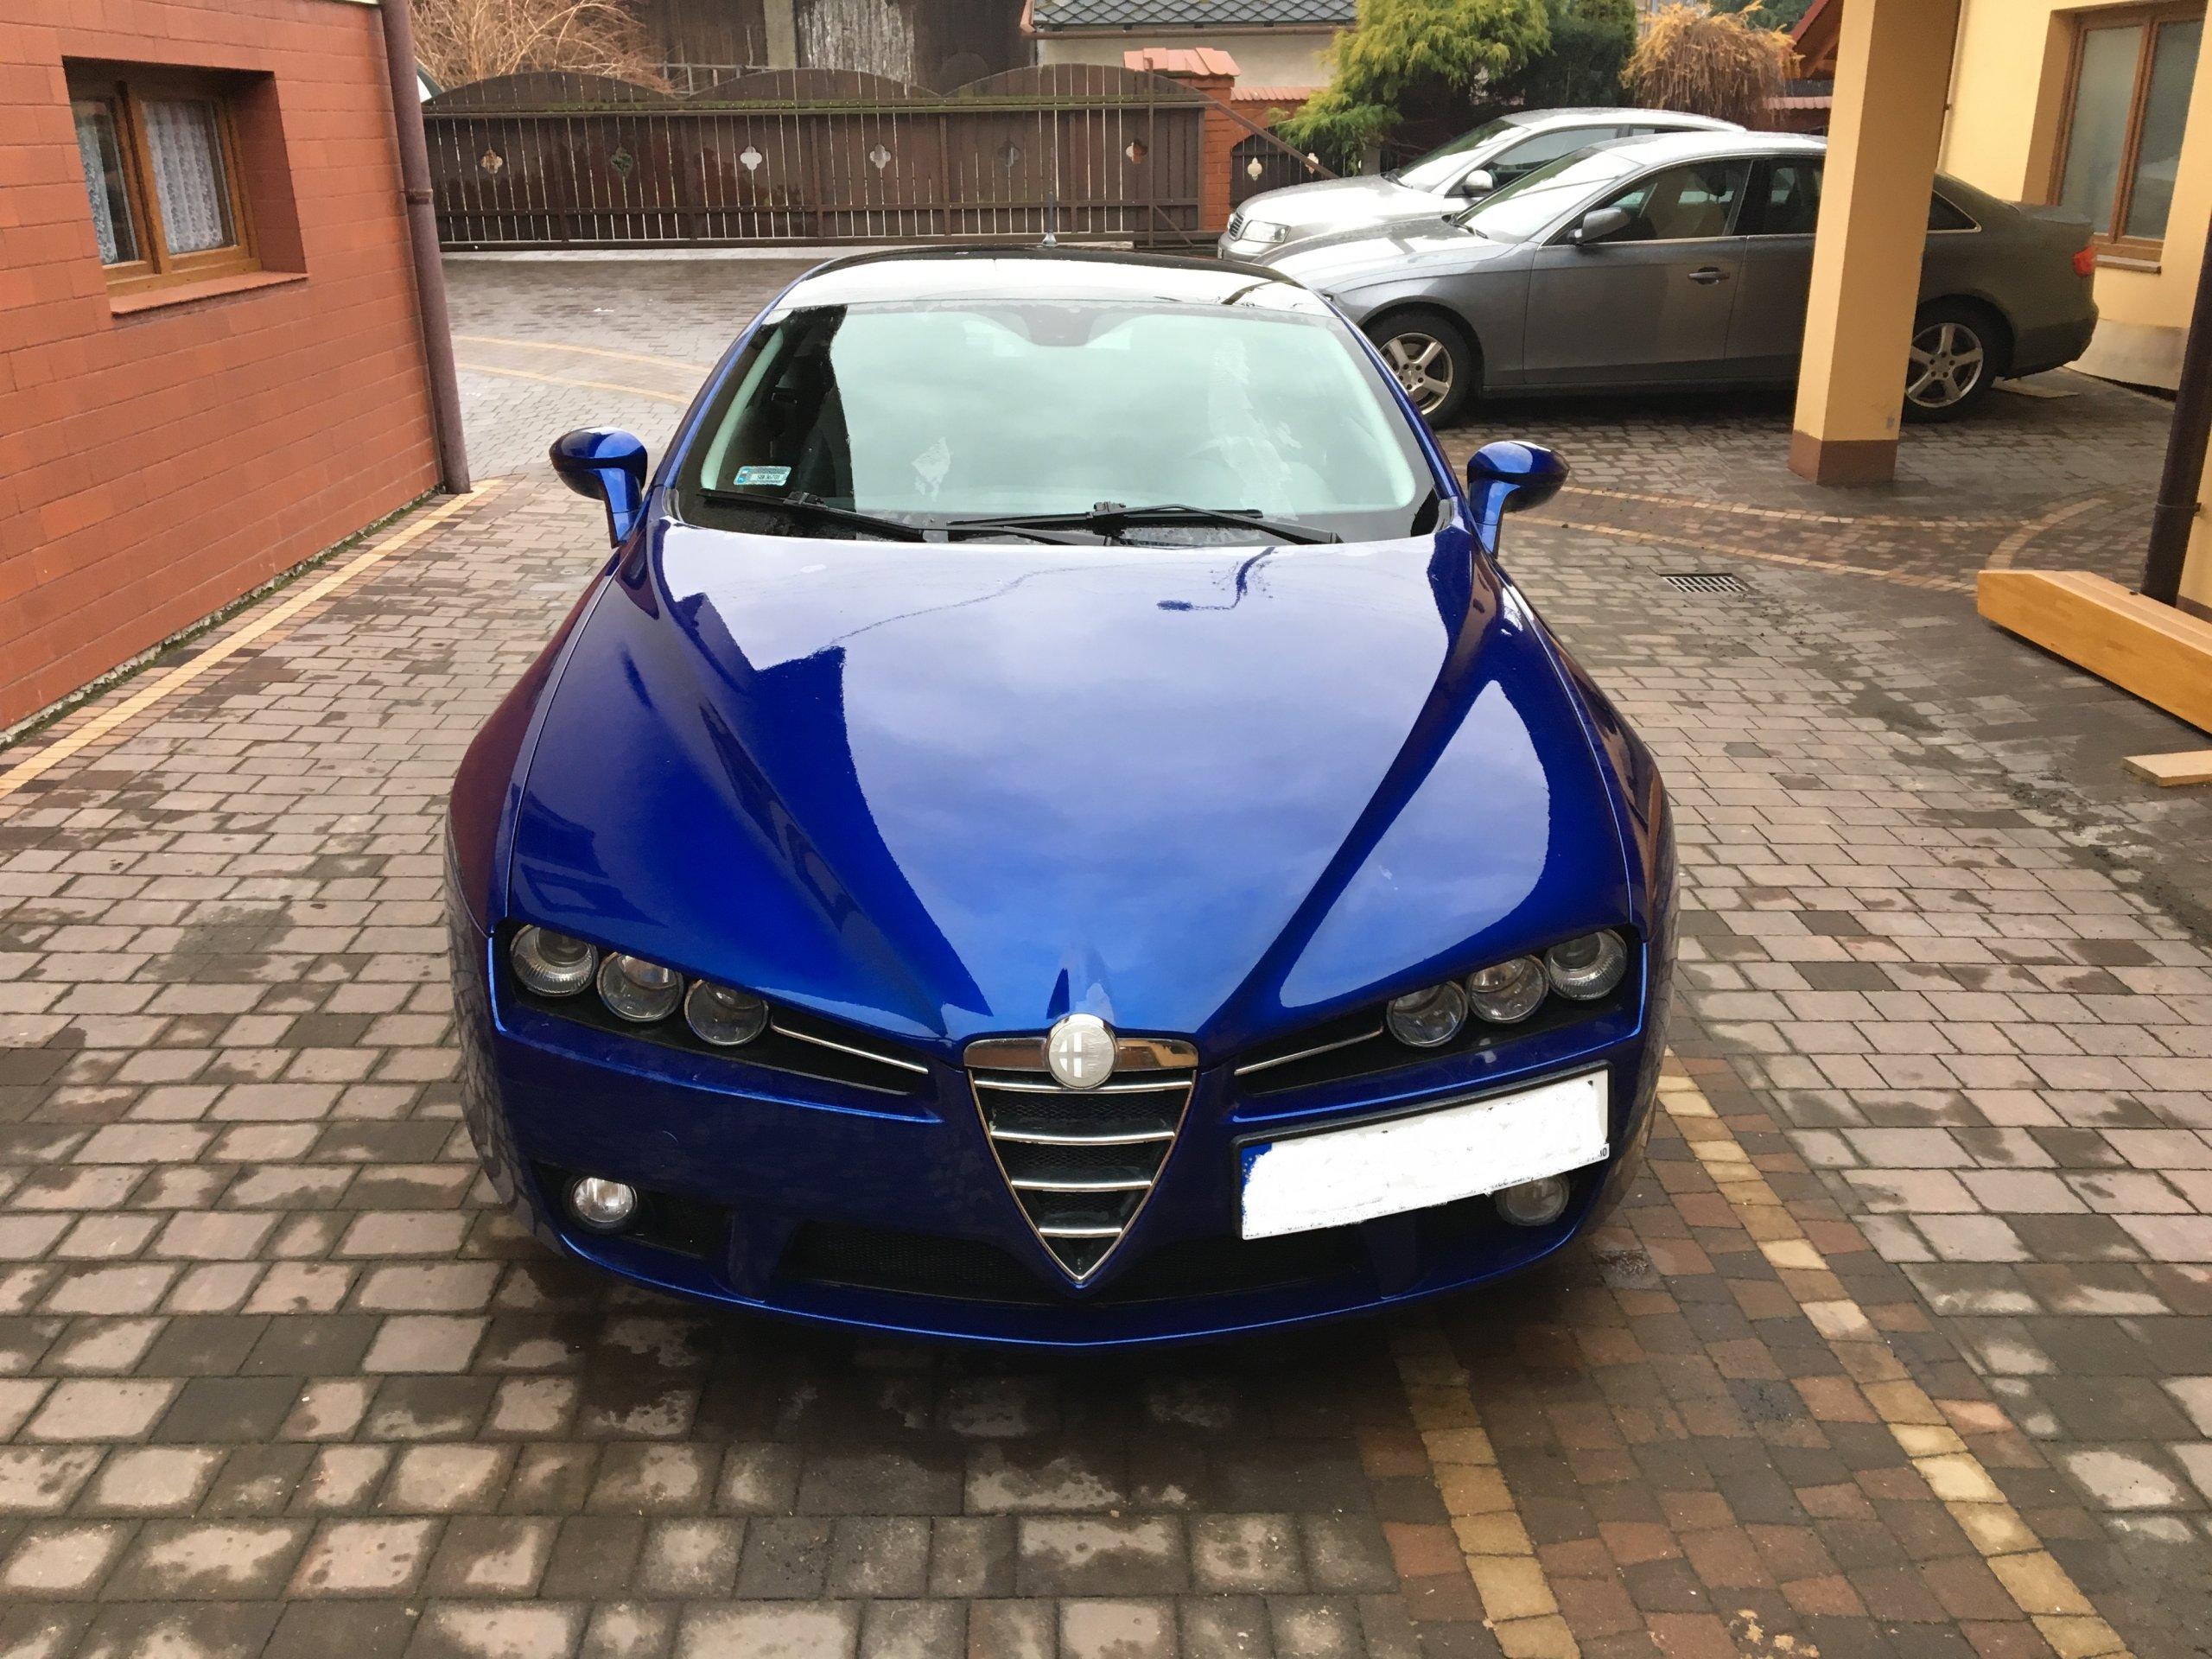 Alfa Romeo Brera Sky View 2 2 JTS 185 KM oficjalne